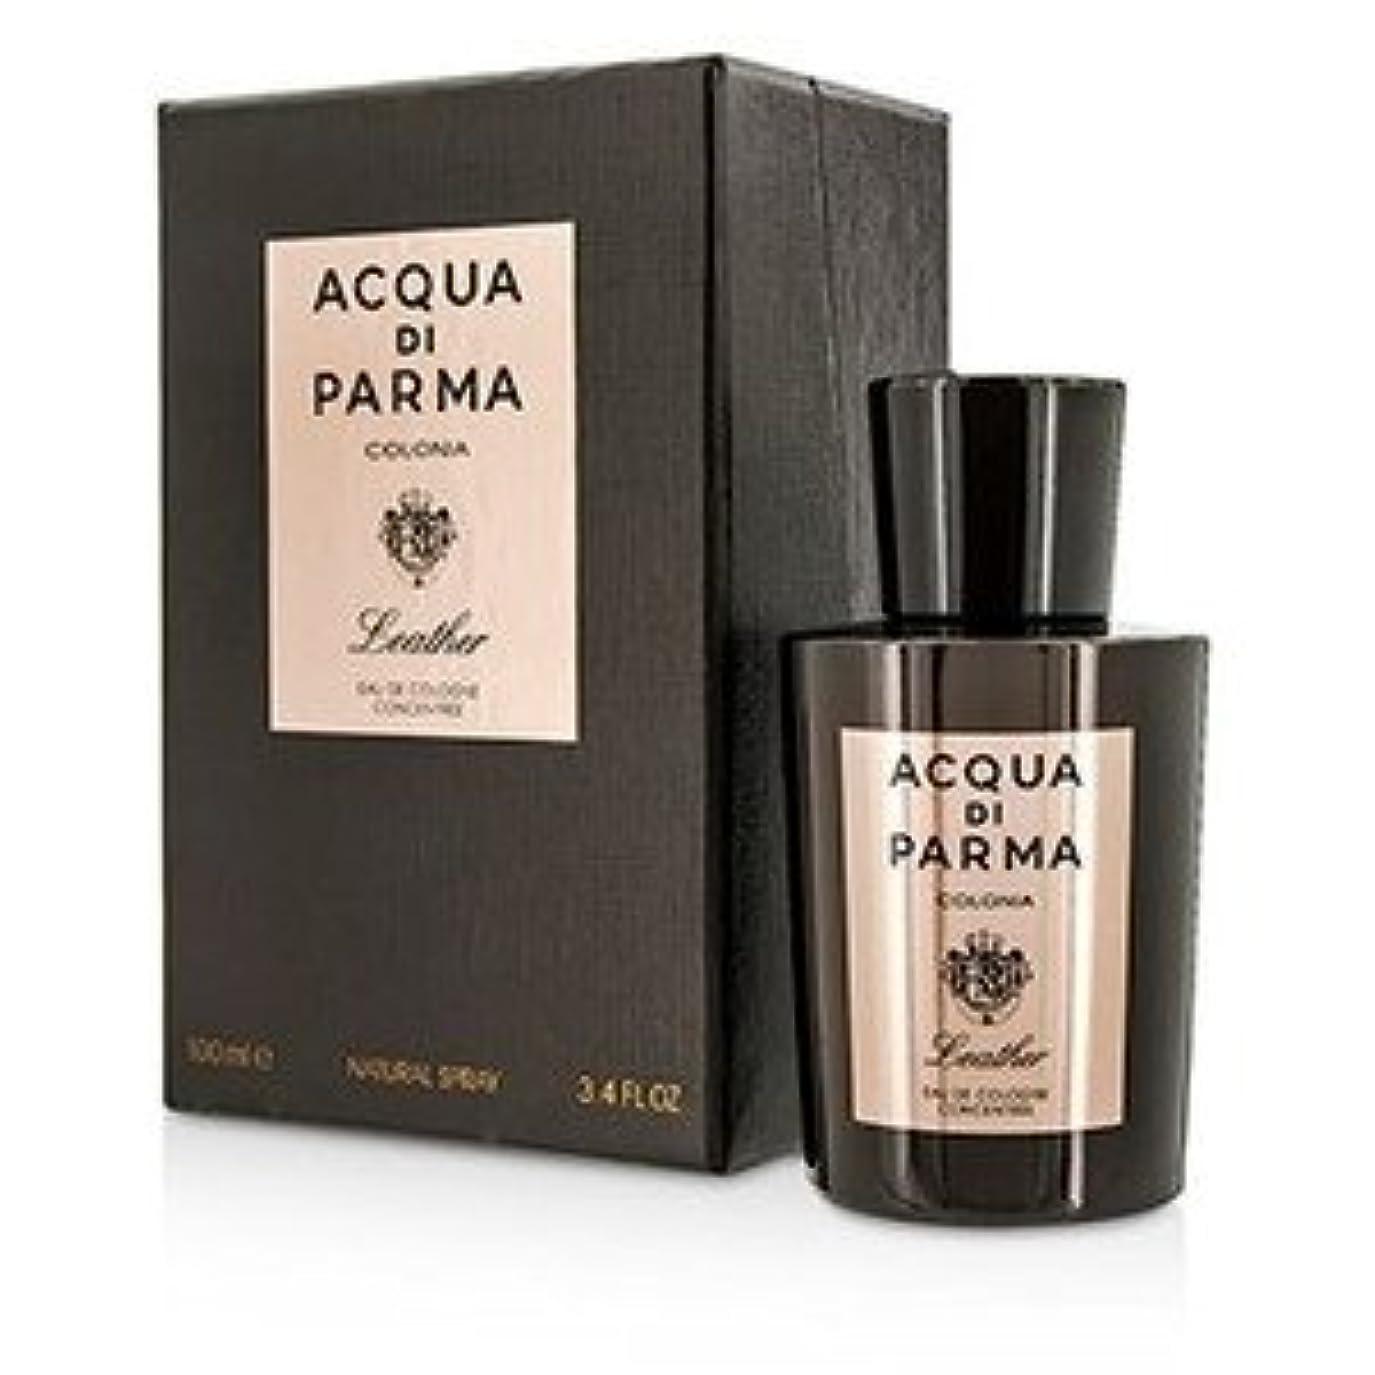 思い出す誤って欺くアクア ディ パルマ[Acqua Di Parma] コロニア レザー オーデコロン コンセントレート スプレー 100ml/3.4oz [並行輸入品]